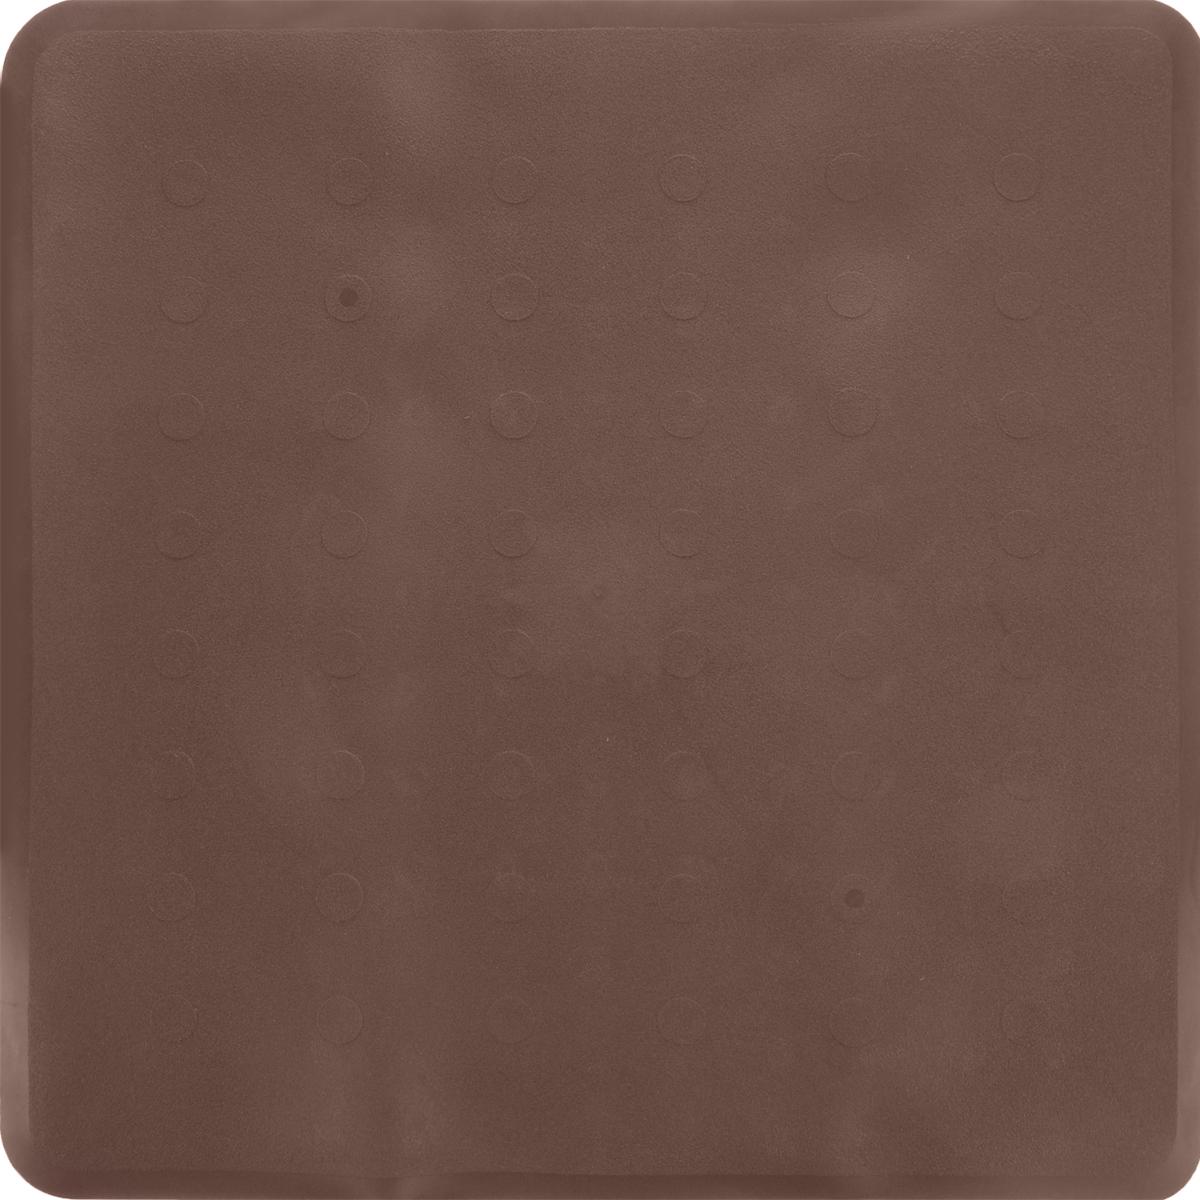 Коврик для ванной Ridder Basic, противоскользящий, на присосках, цвет: коричневый, 51 х 51 см531-105Коврик для ванной Ridder Basic, изготовленный из каучука с защитой от плесени и грибка, создает комфортное антискользящее покрытие в ванне. Крепится к поверхности при помощи присосок. Изделие удобно в использовании и легко моется теплой водой.